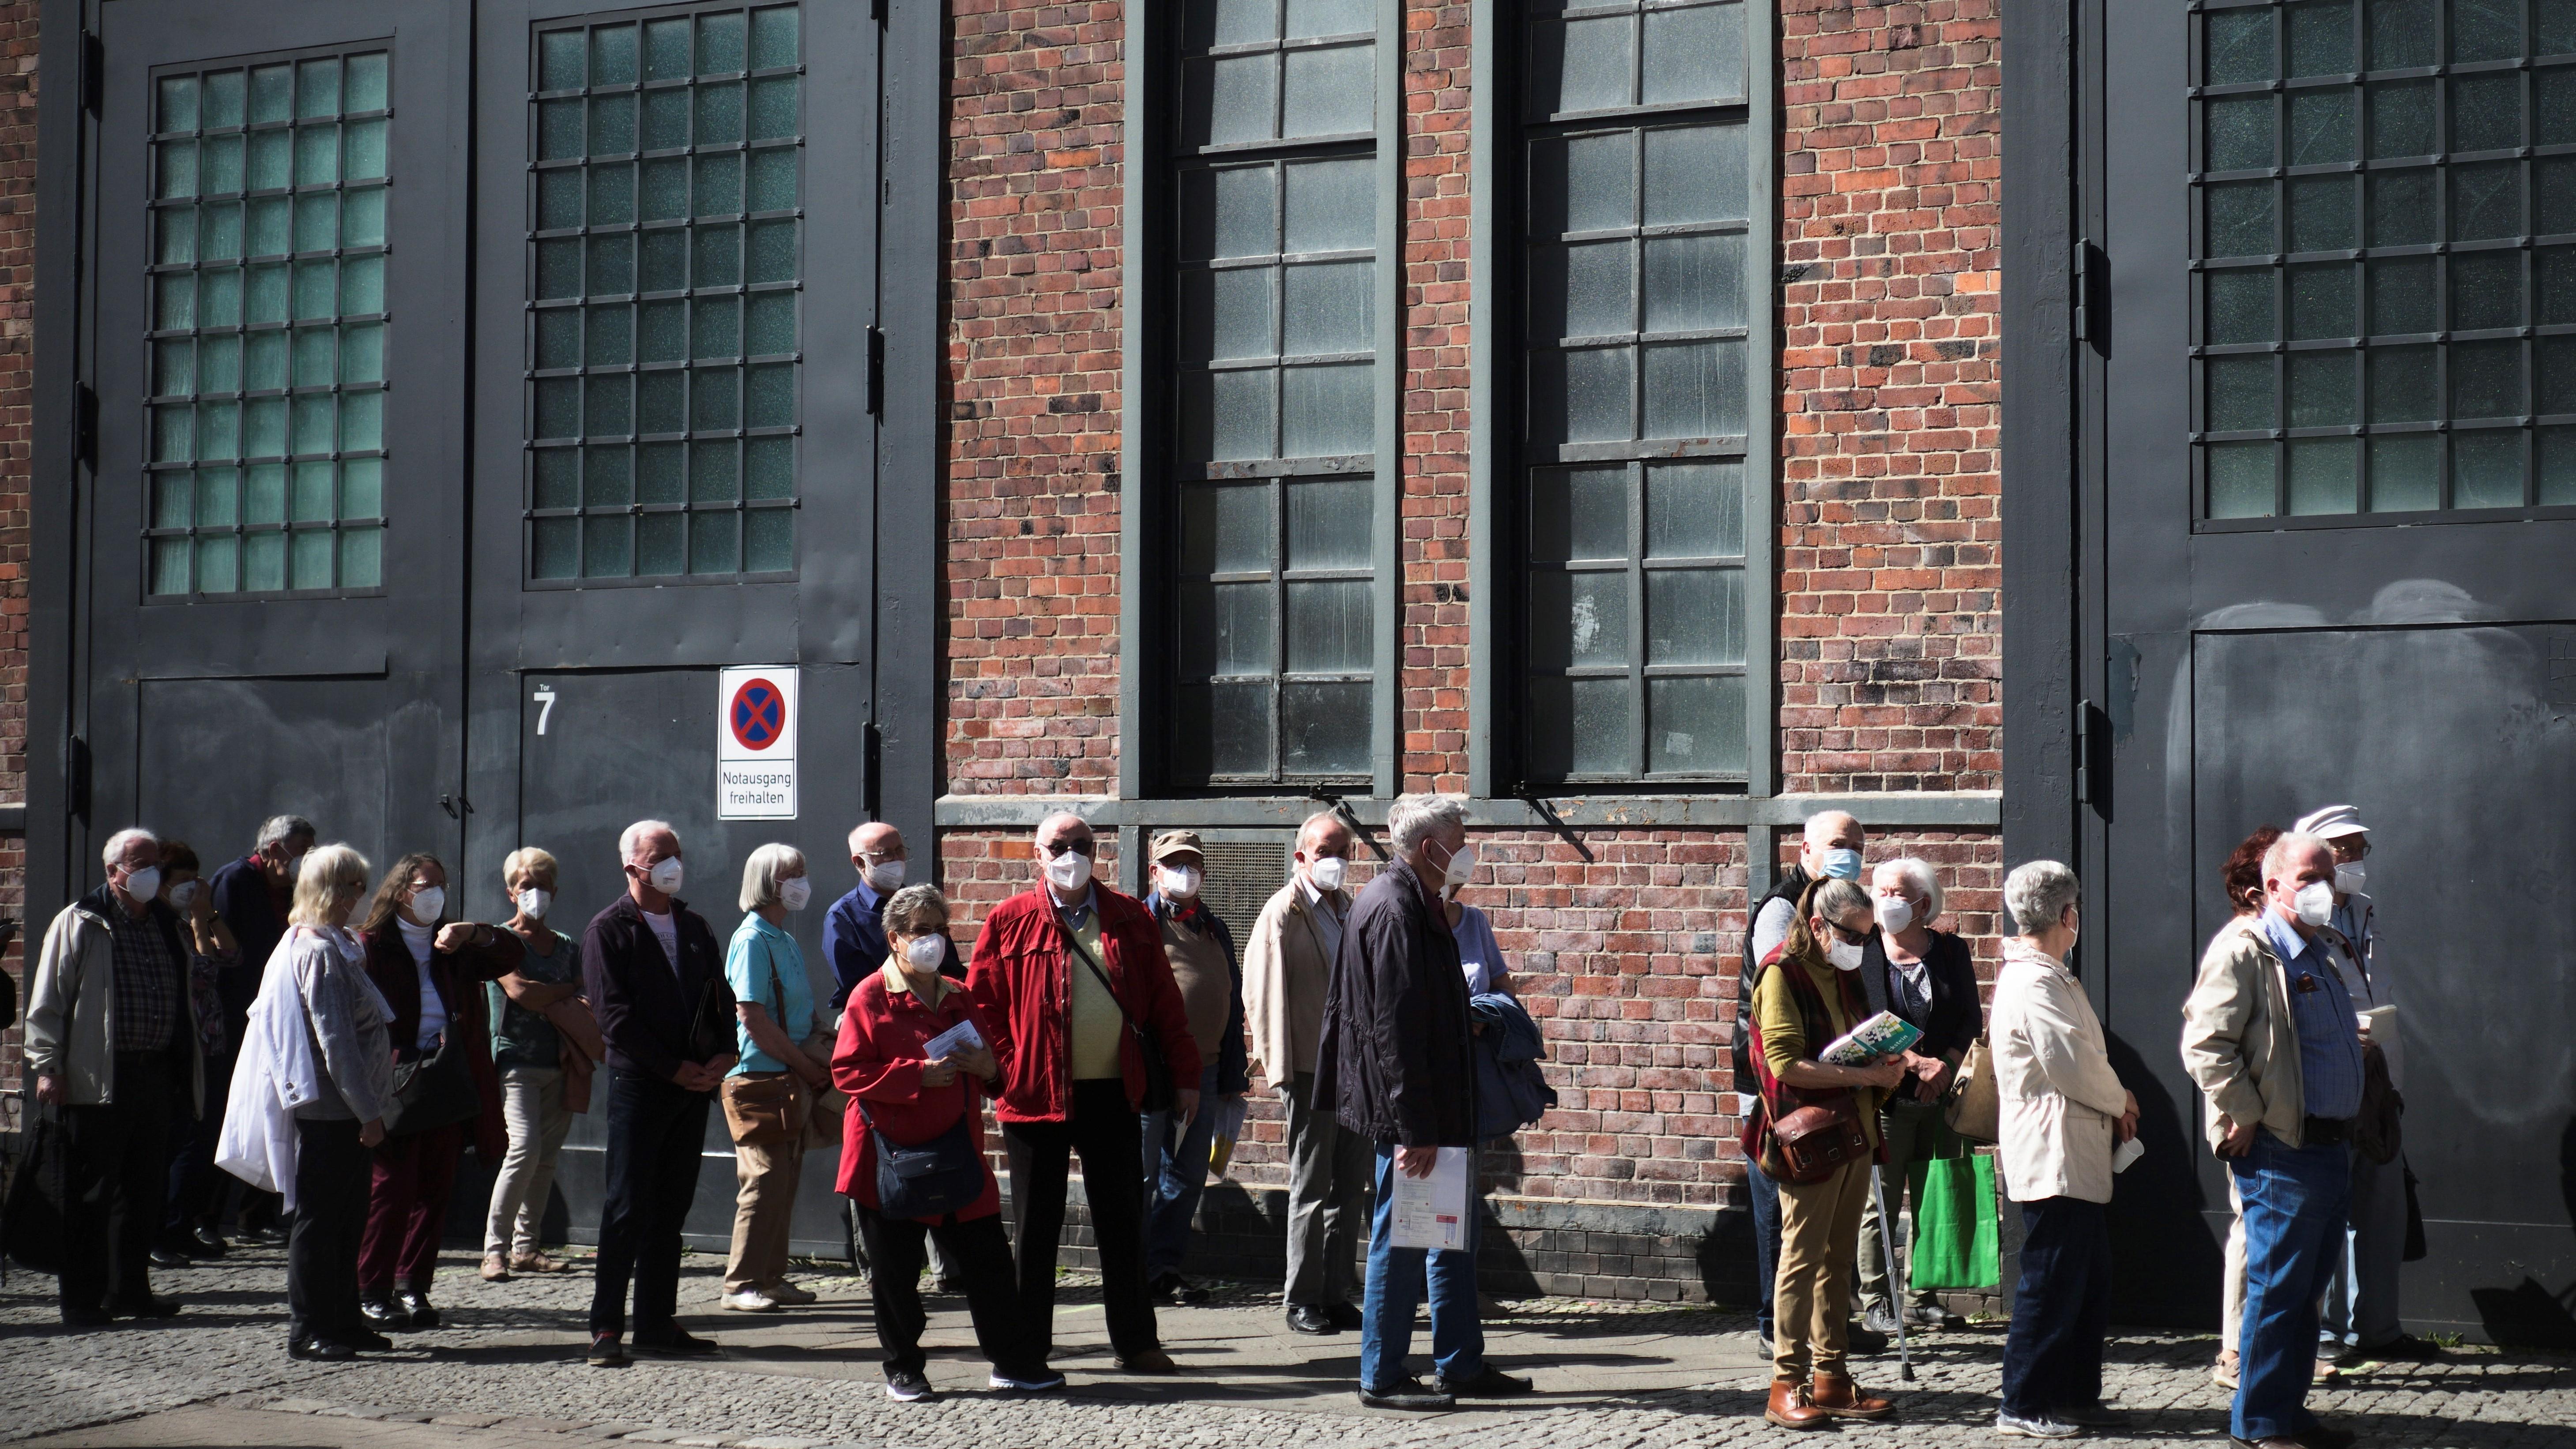 Koronavírus elleni oltásra várakoznak emberek a berlini Treptow Aréna előtt 2021. március 31-én.